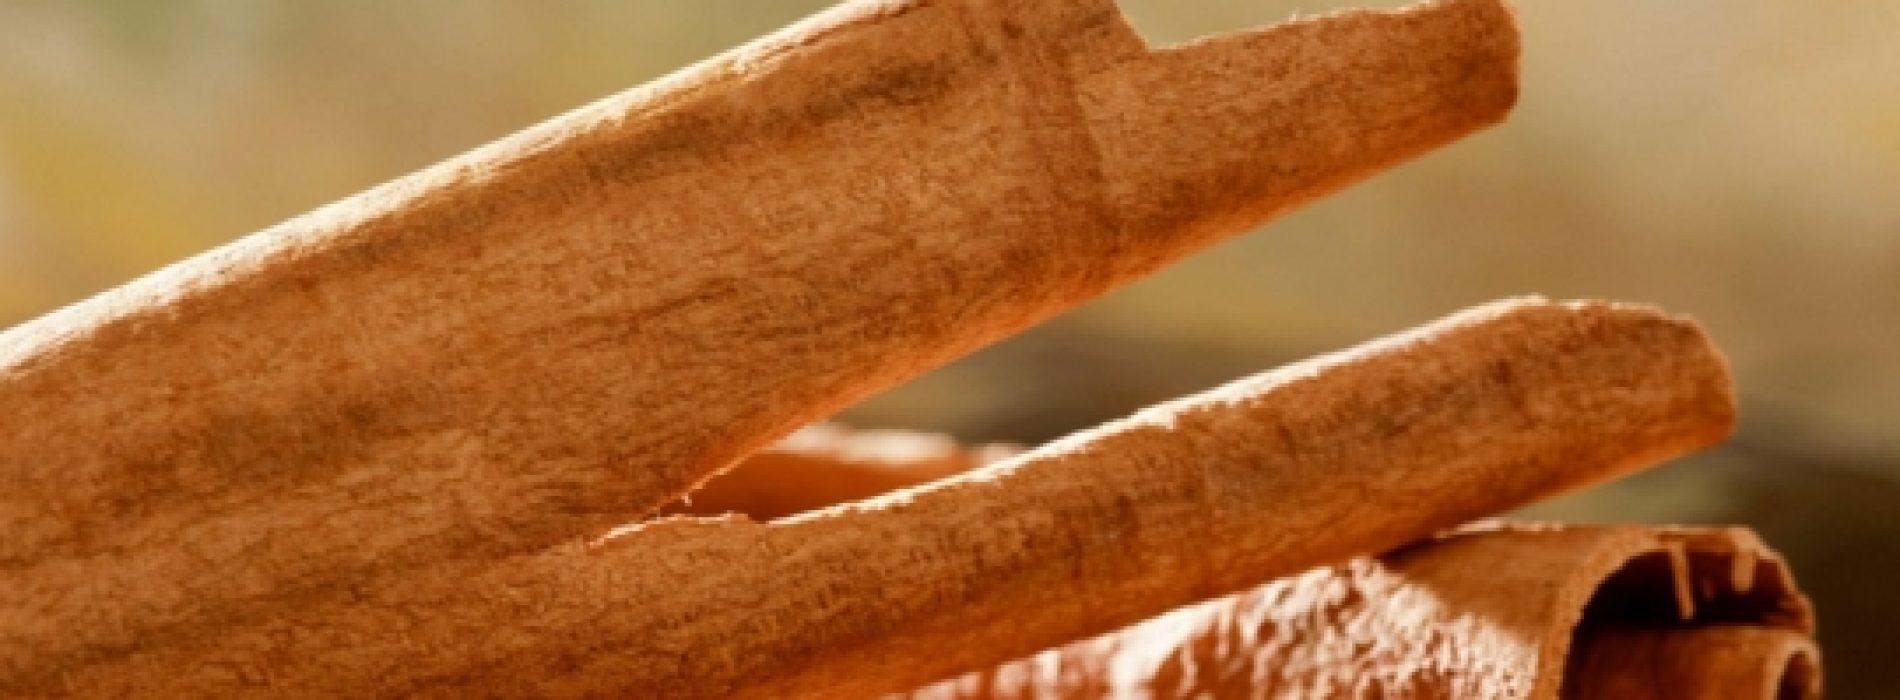 Kaneel: een zoet-pittige traktatie voor het bestrijden van Alzheimer